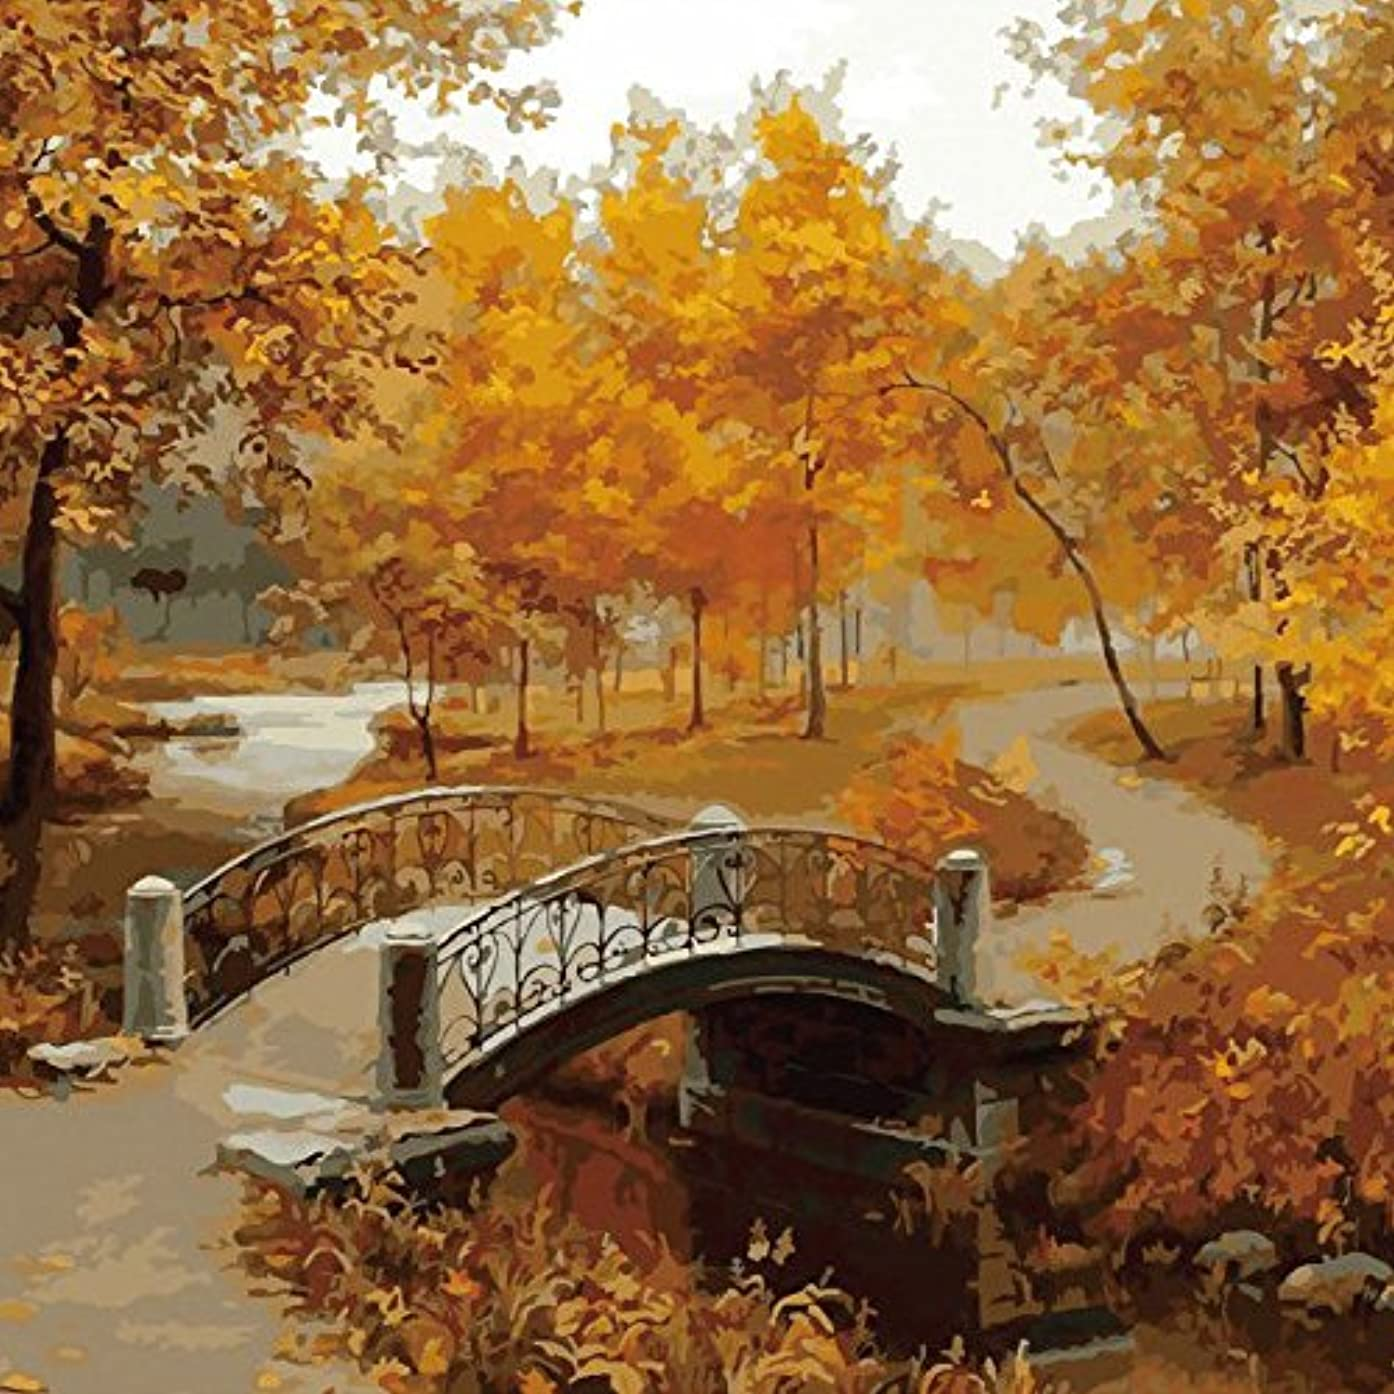 酔っ払い不測の事態タクトUngfu Mall 壁画 DIY フレームレス ペインティング「秋の風はそびえている」リネンキャンバス 油絵 ペイント 紙アート